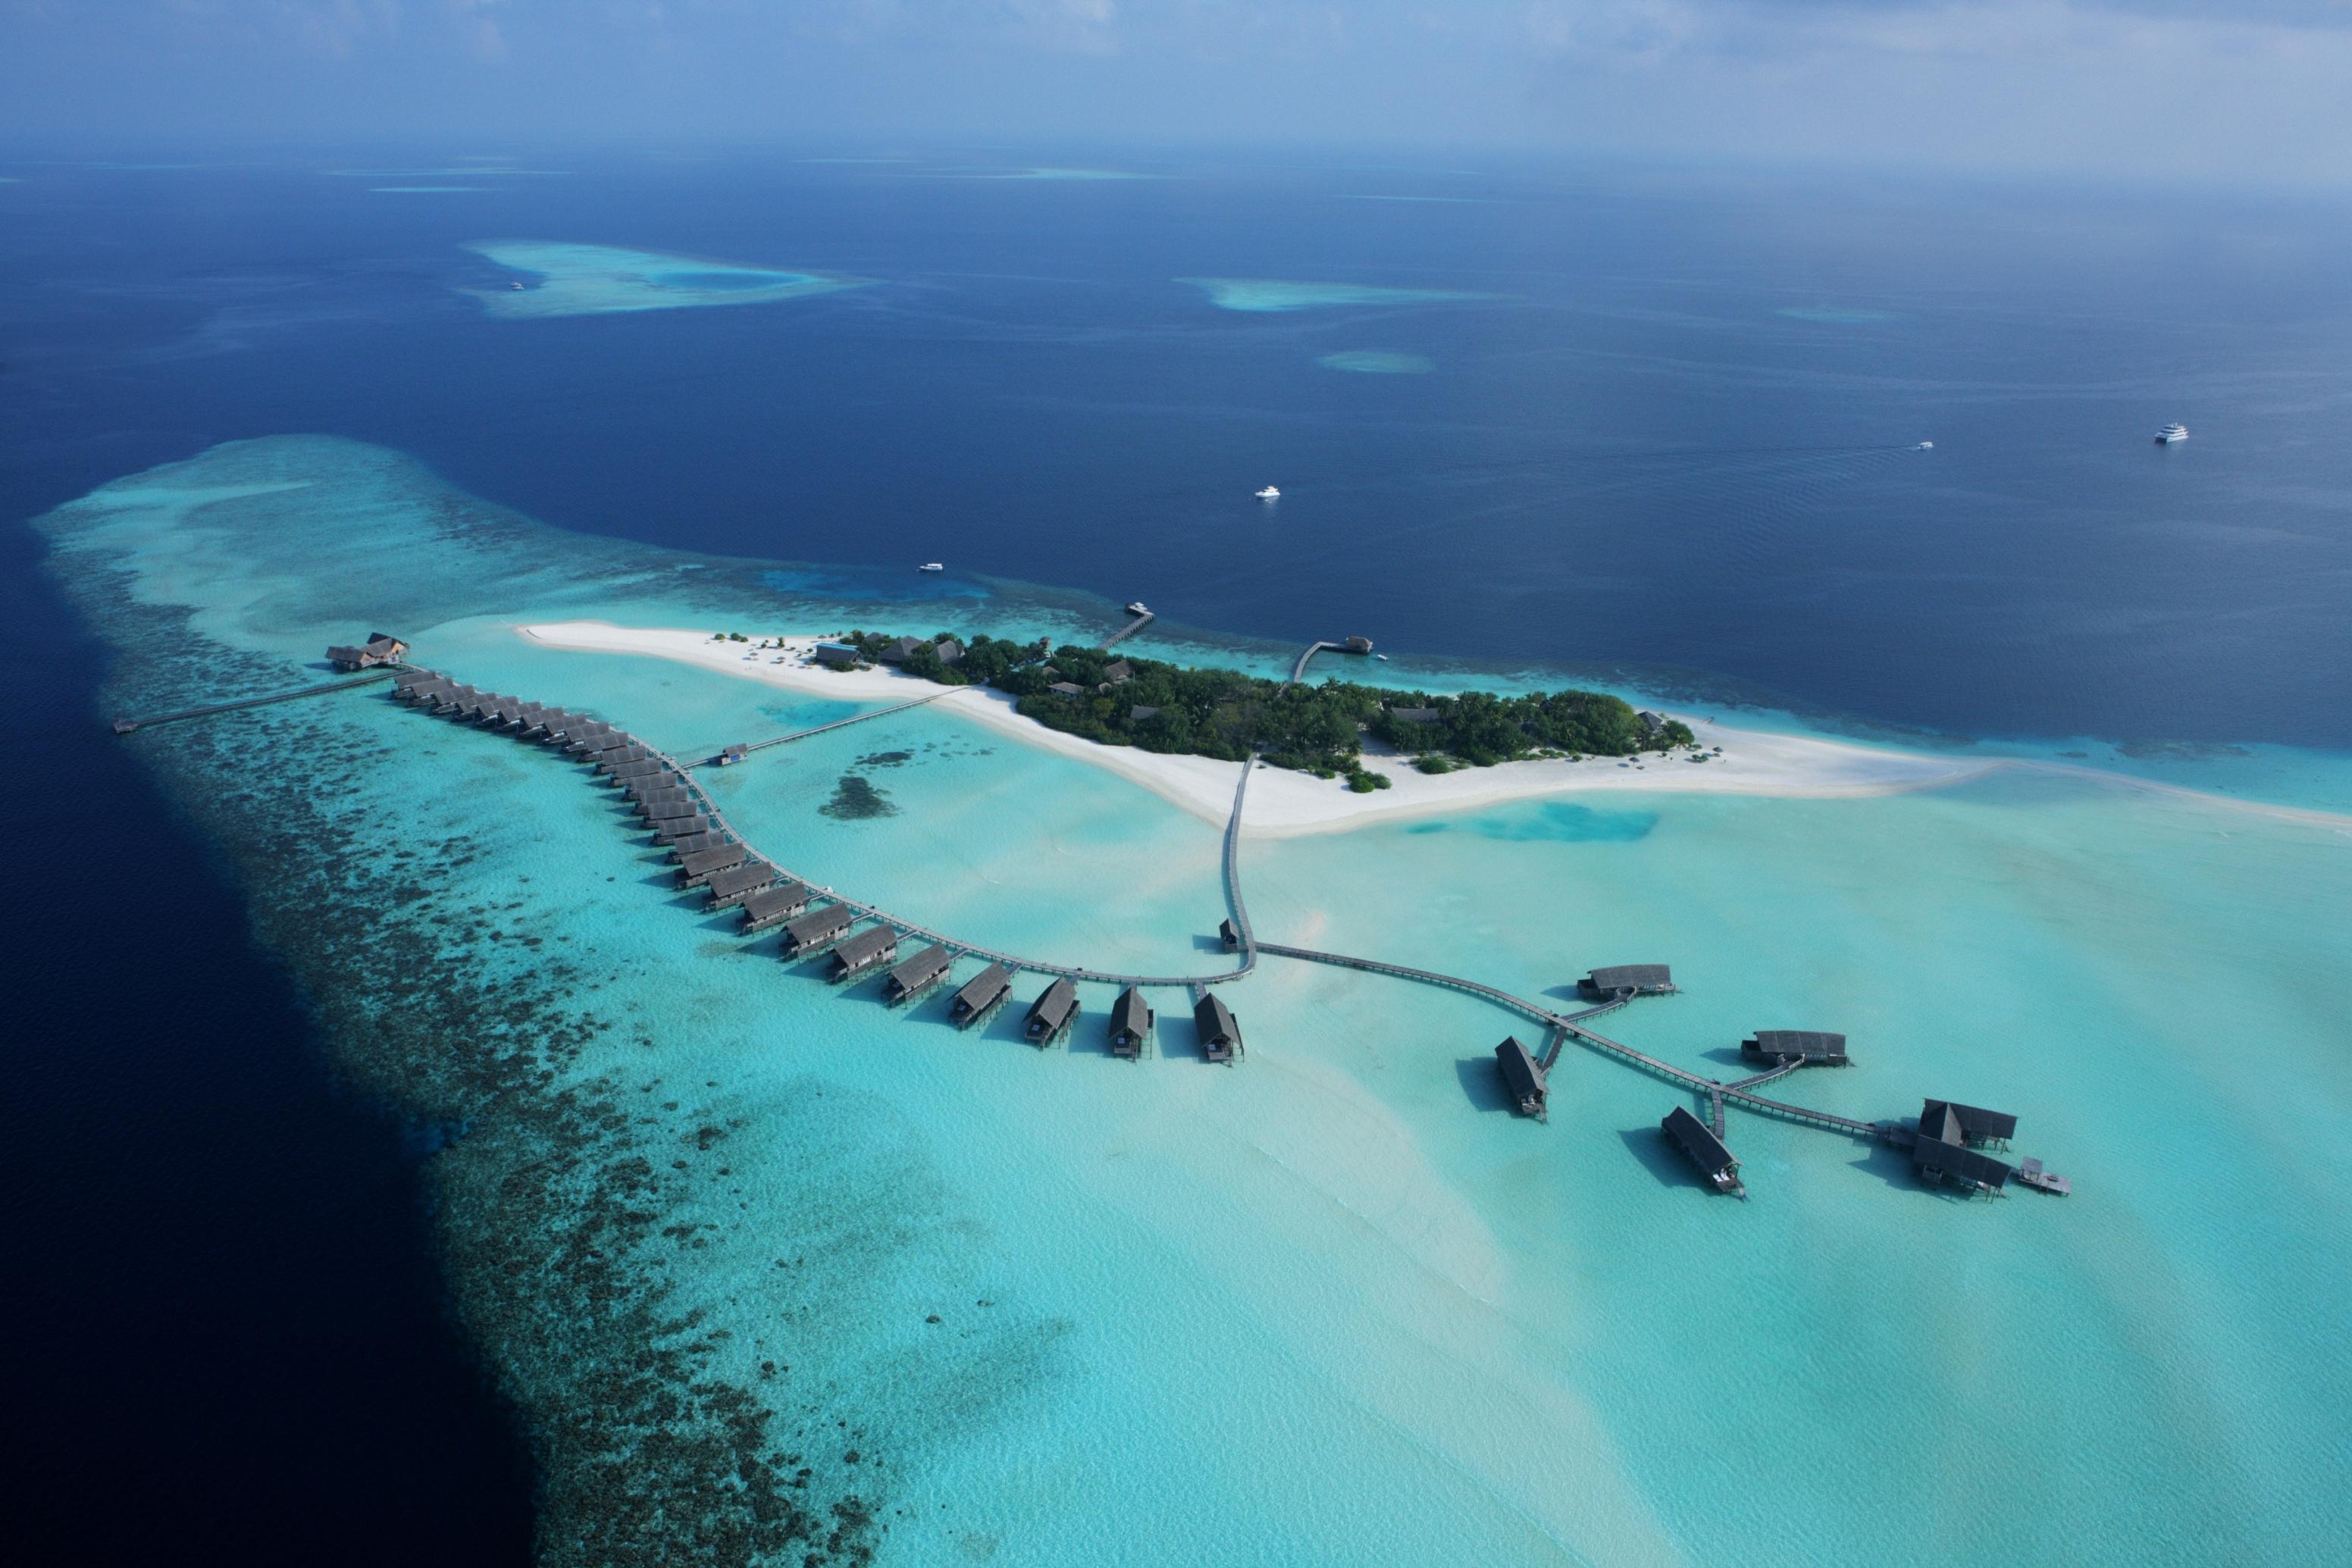 maldives-cocoa-island-ariel-view1